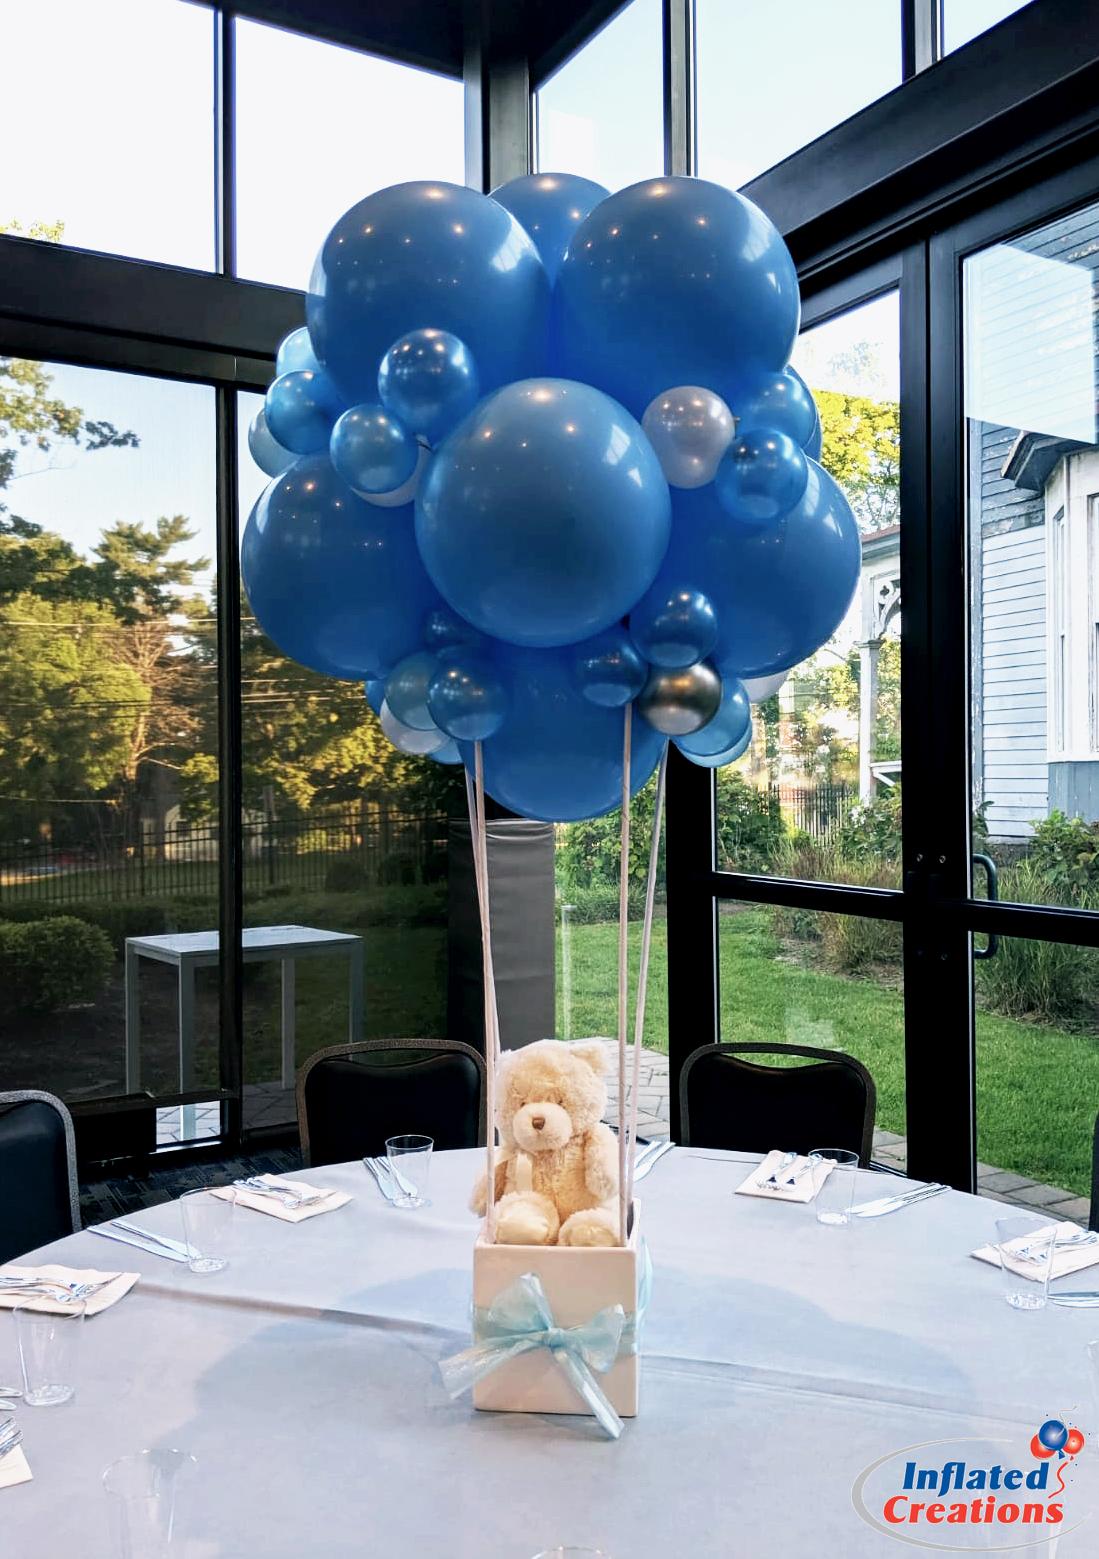 Bear in Hot Air Balloon Basket